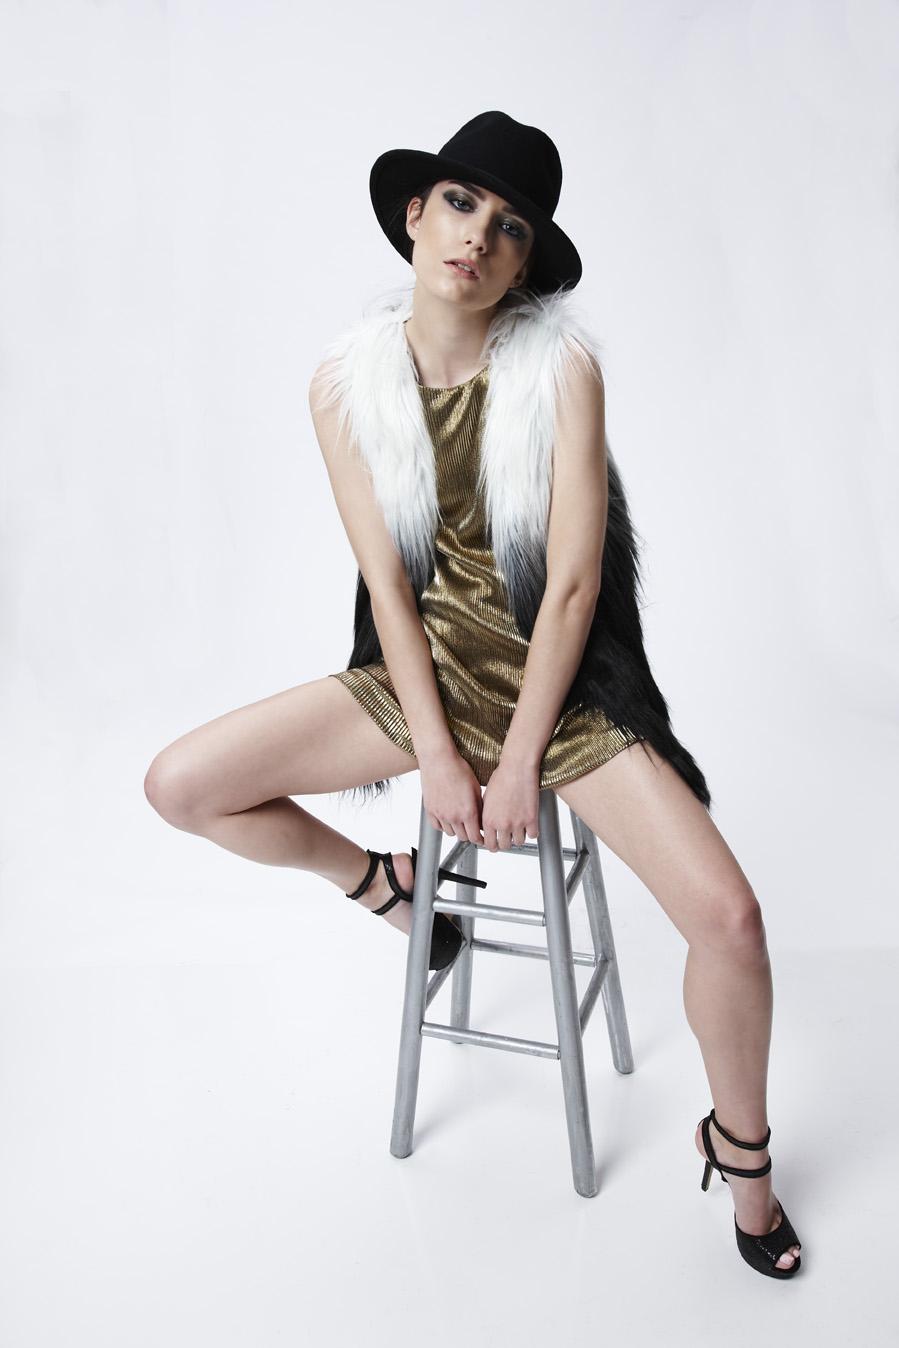 fashionfeb19 28058 copy.jpg